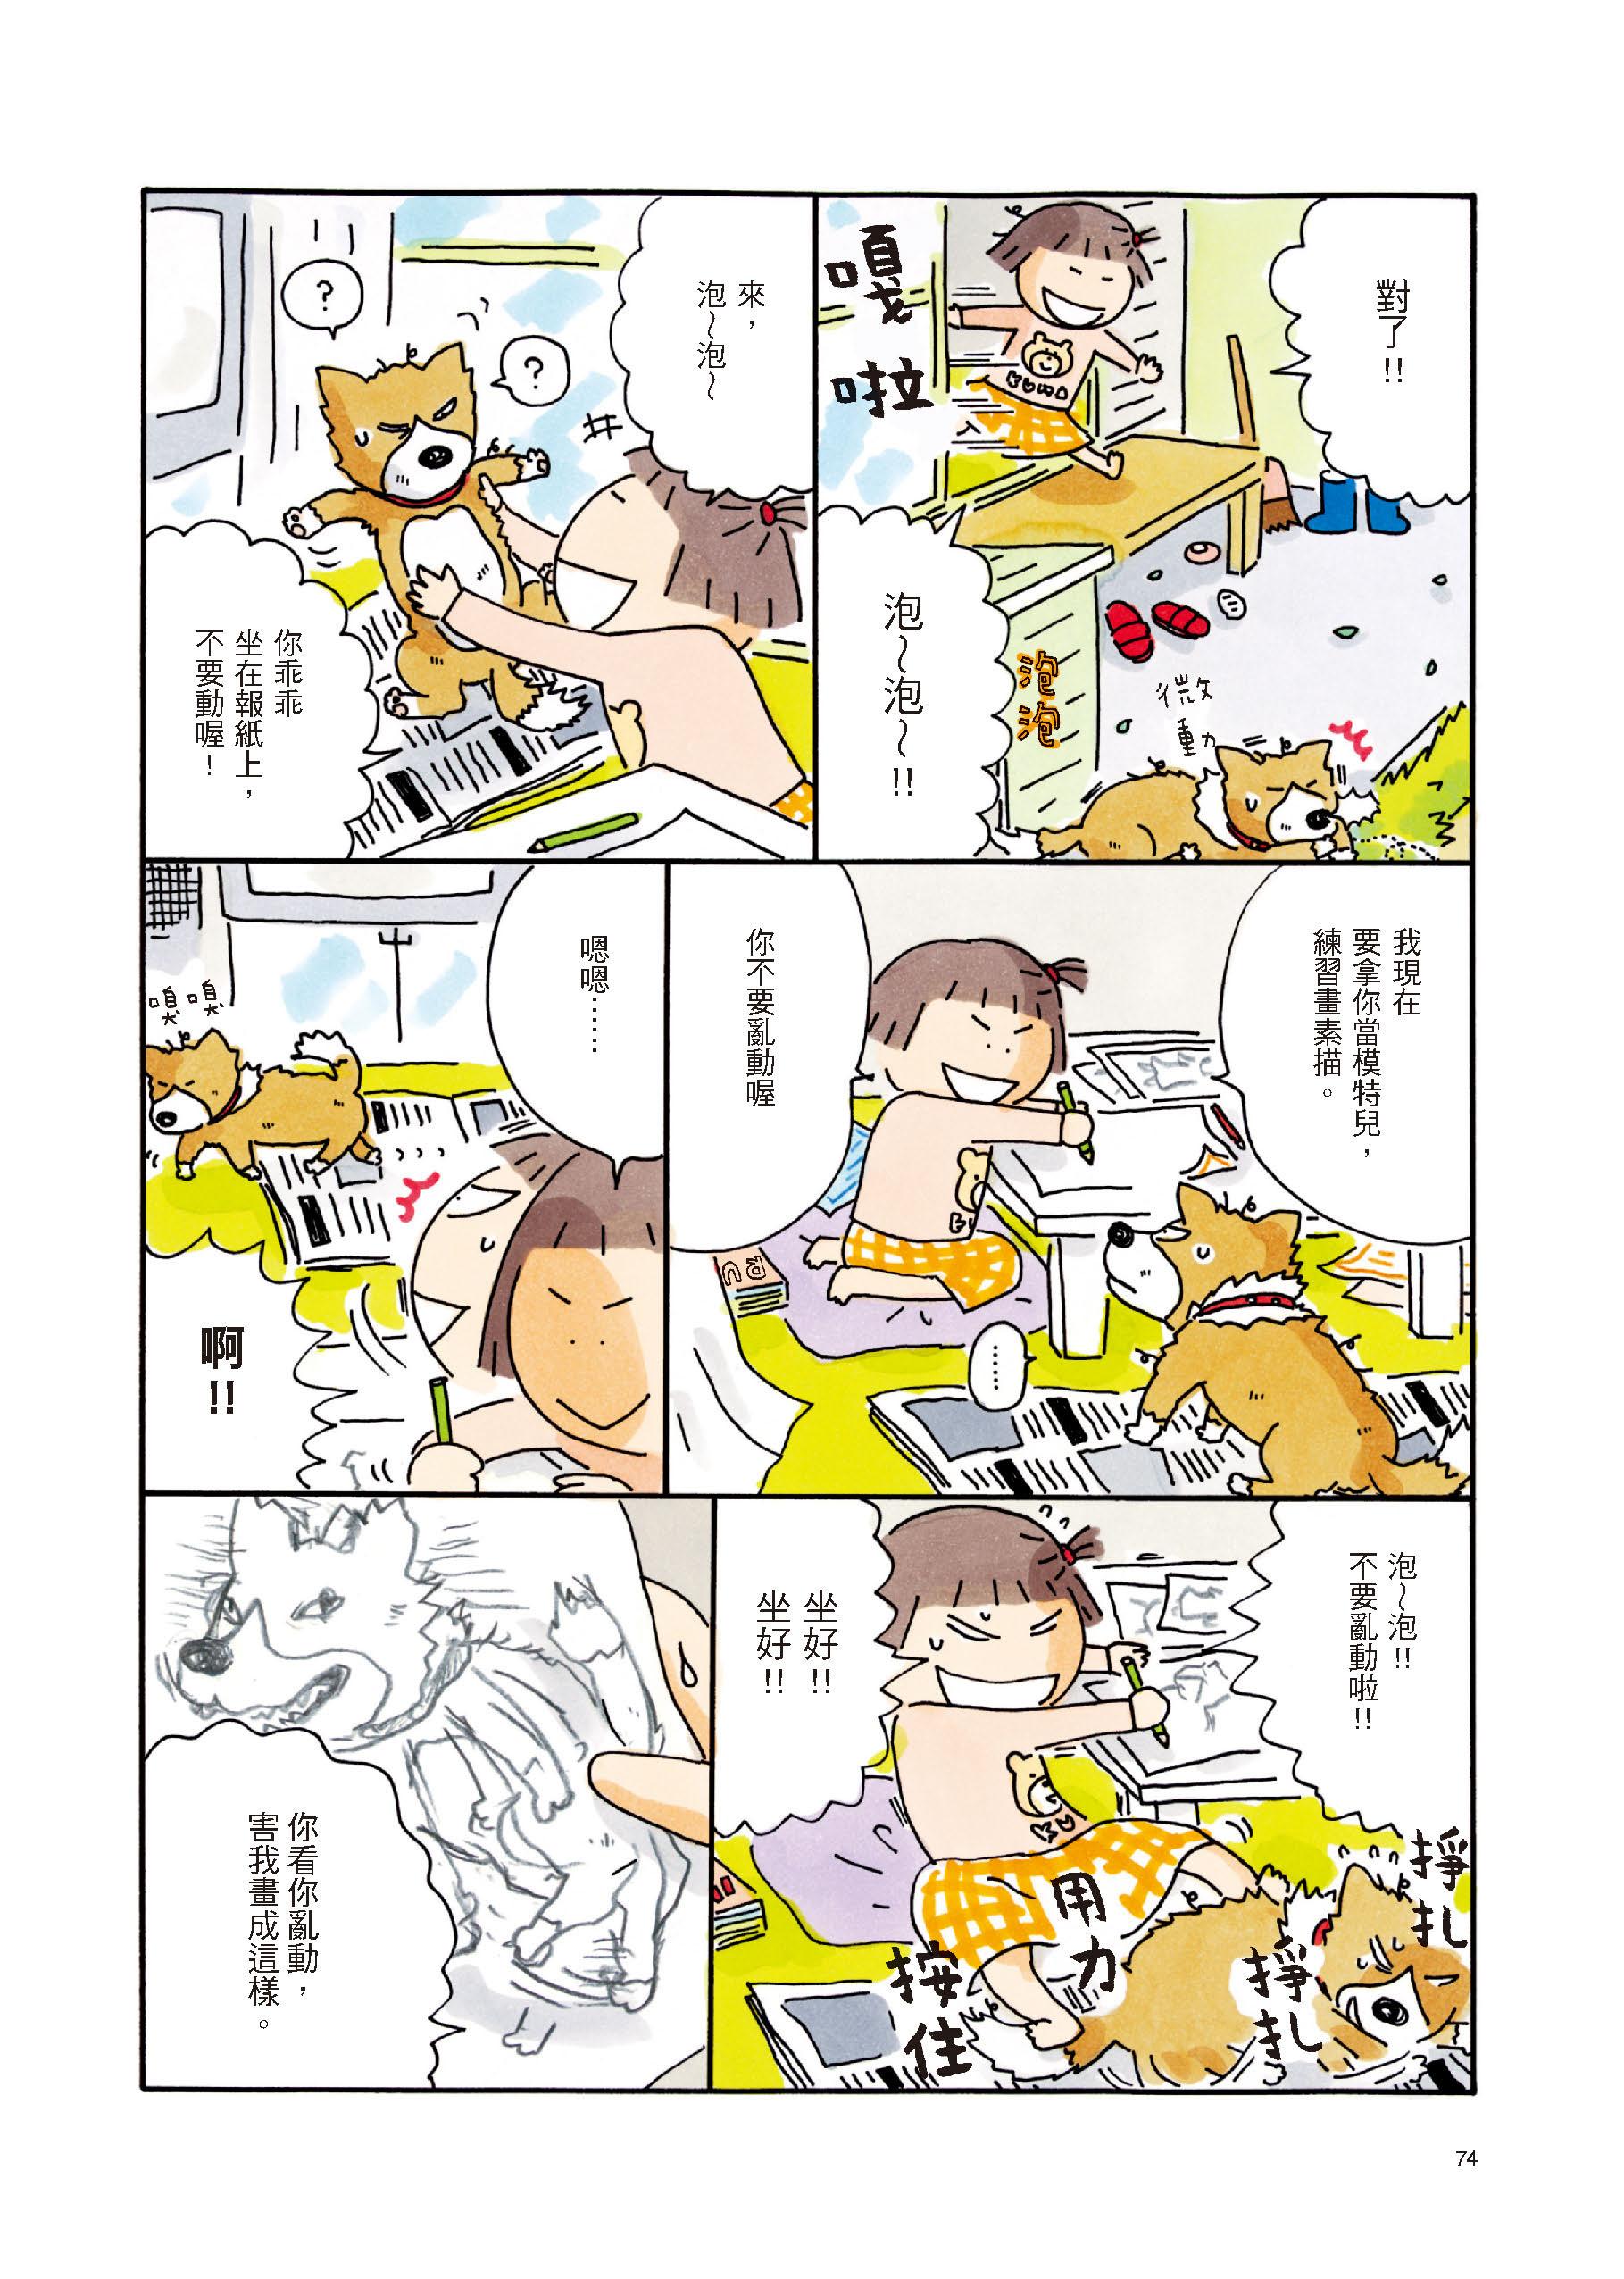 高木直子公开心路历程